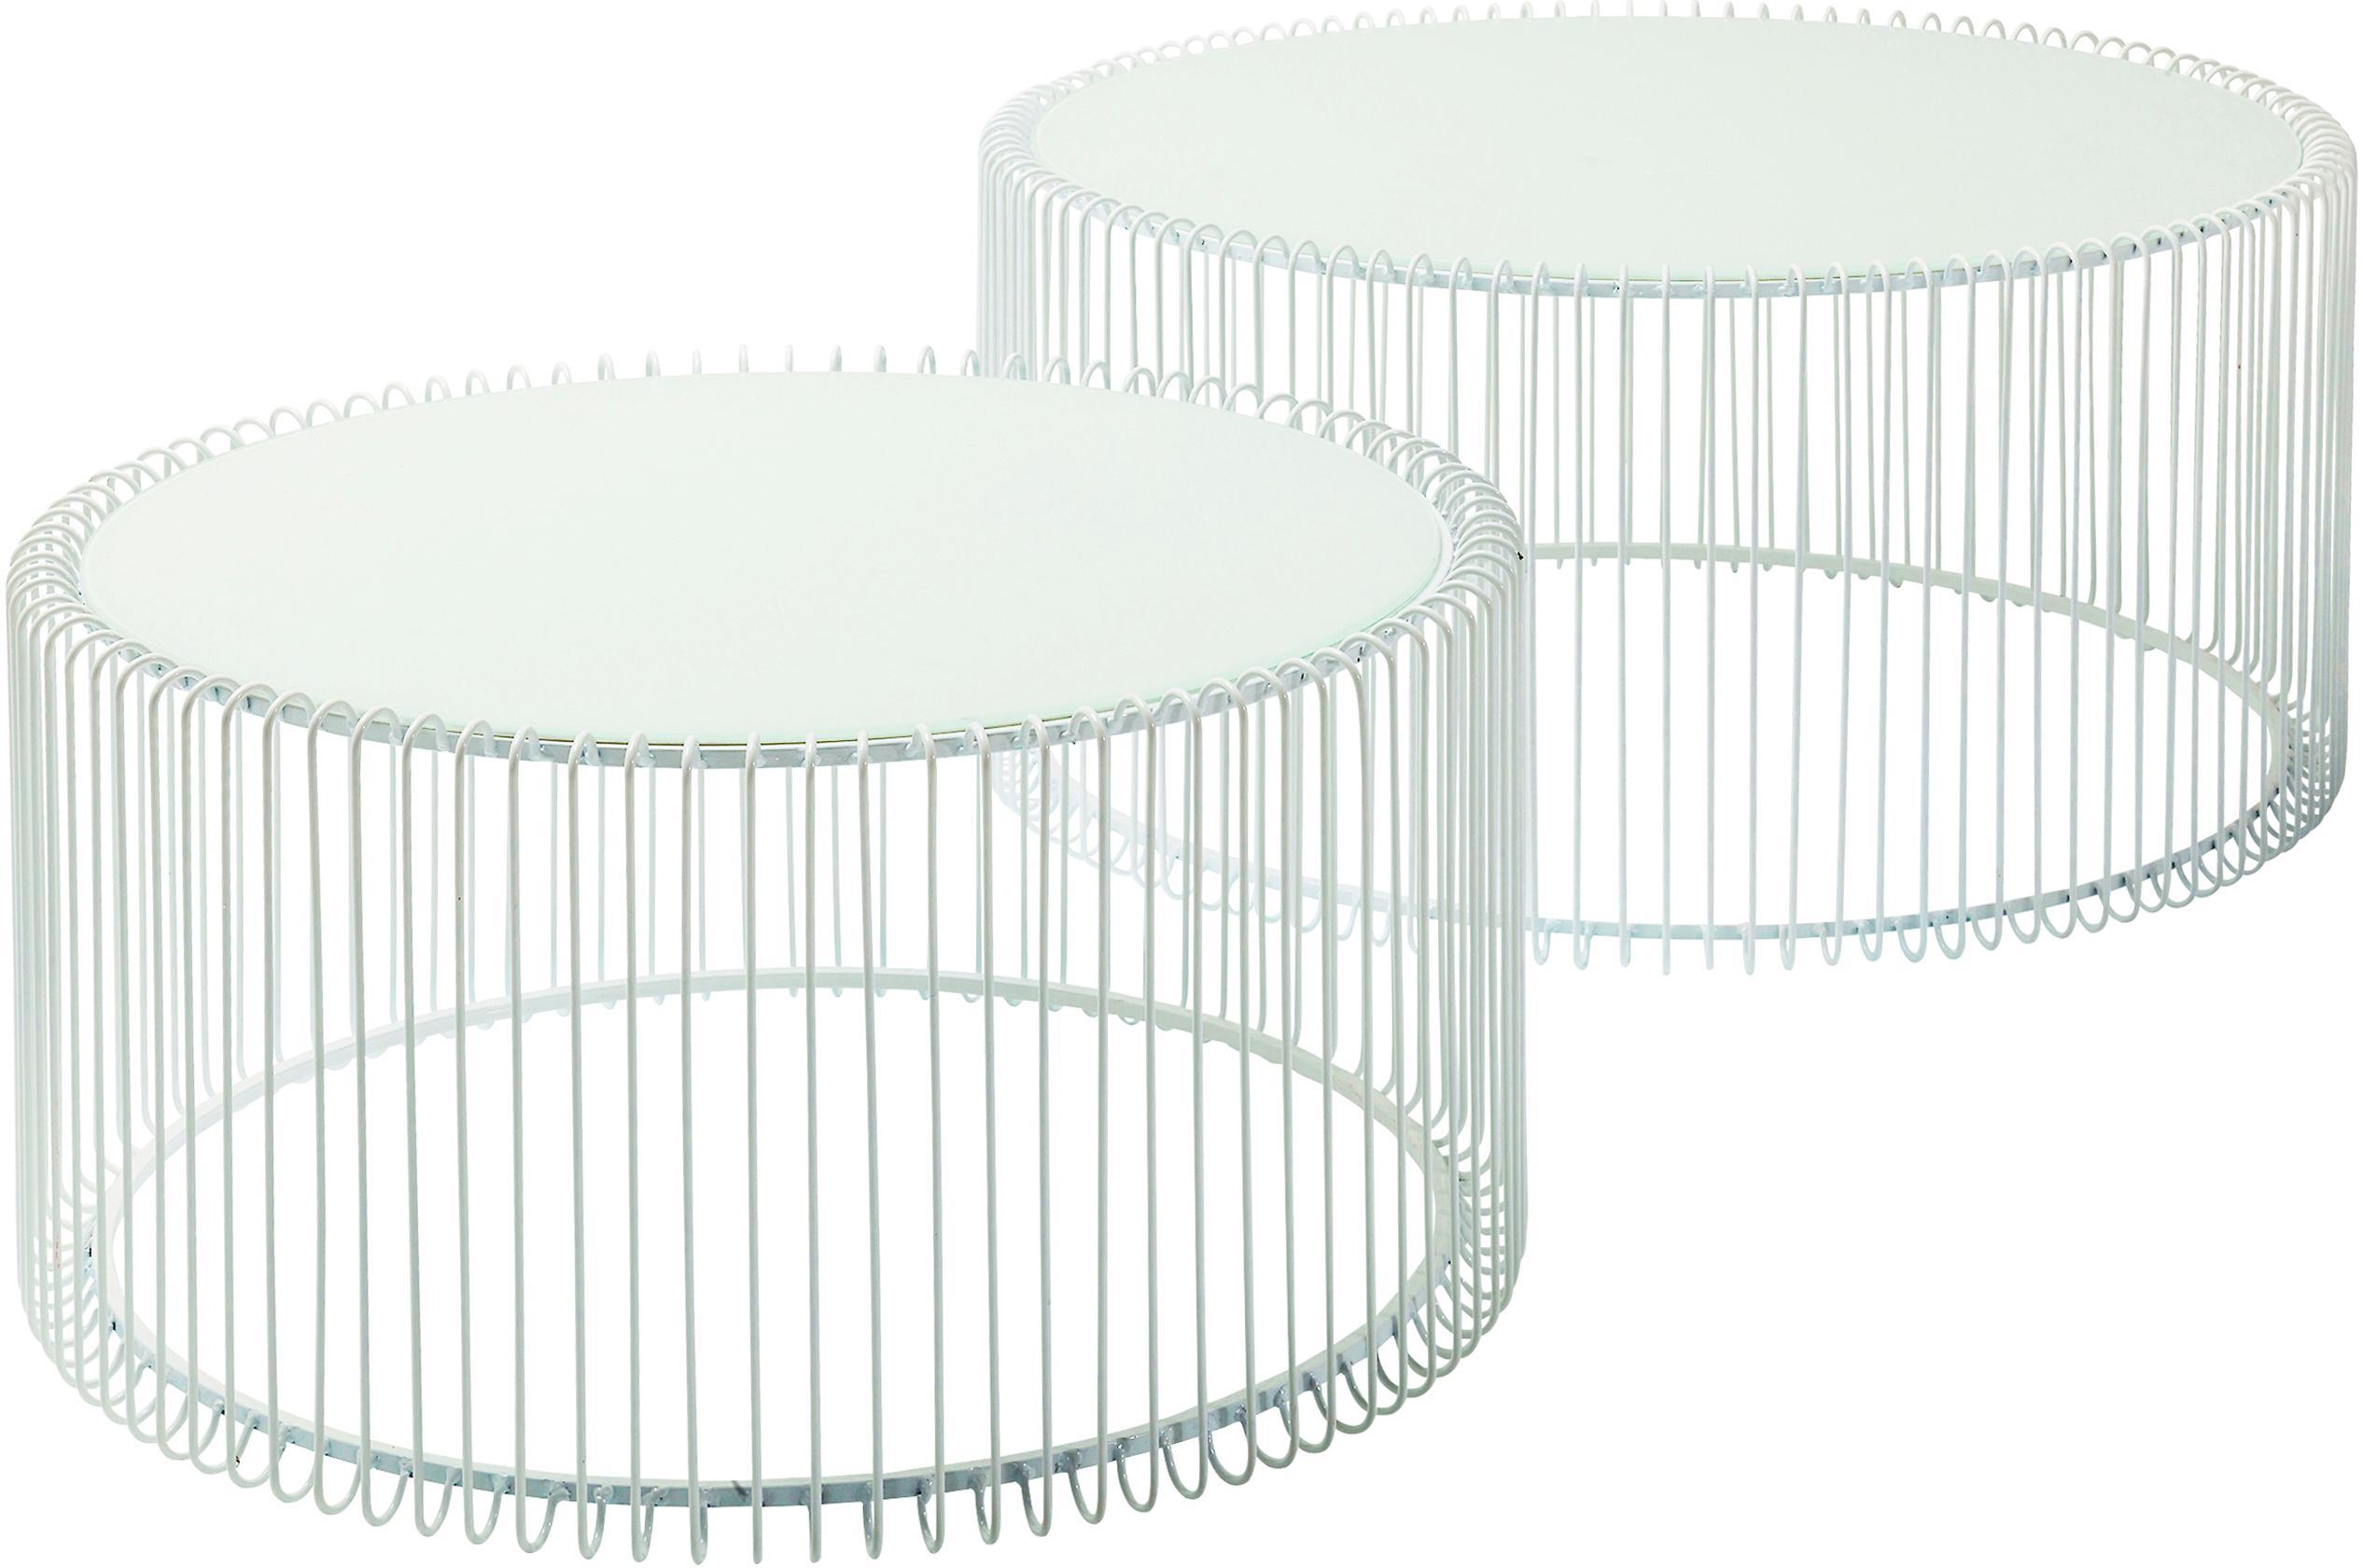 Metall-Couchtisch 2er-Set Wire mit Glasplatte, Gestell: Metall, pulverbeschichtet, Tischplatte: Sicherheitsglas, foliert, Weiß, Sondergrößen